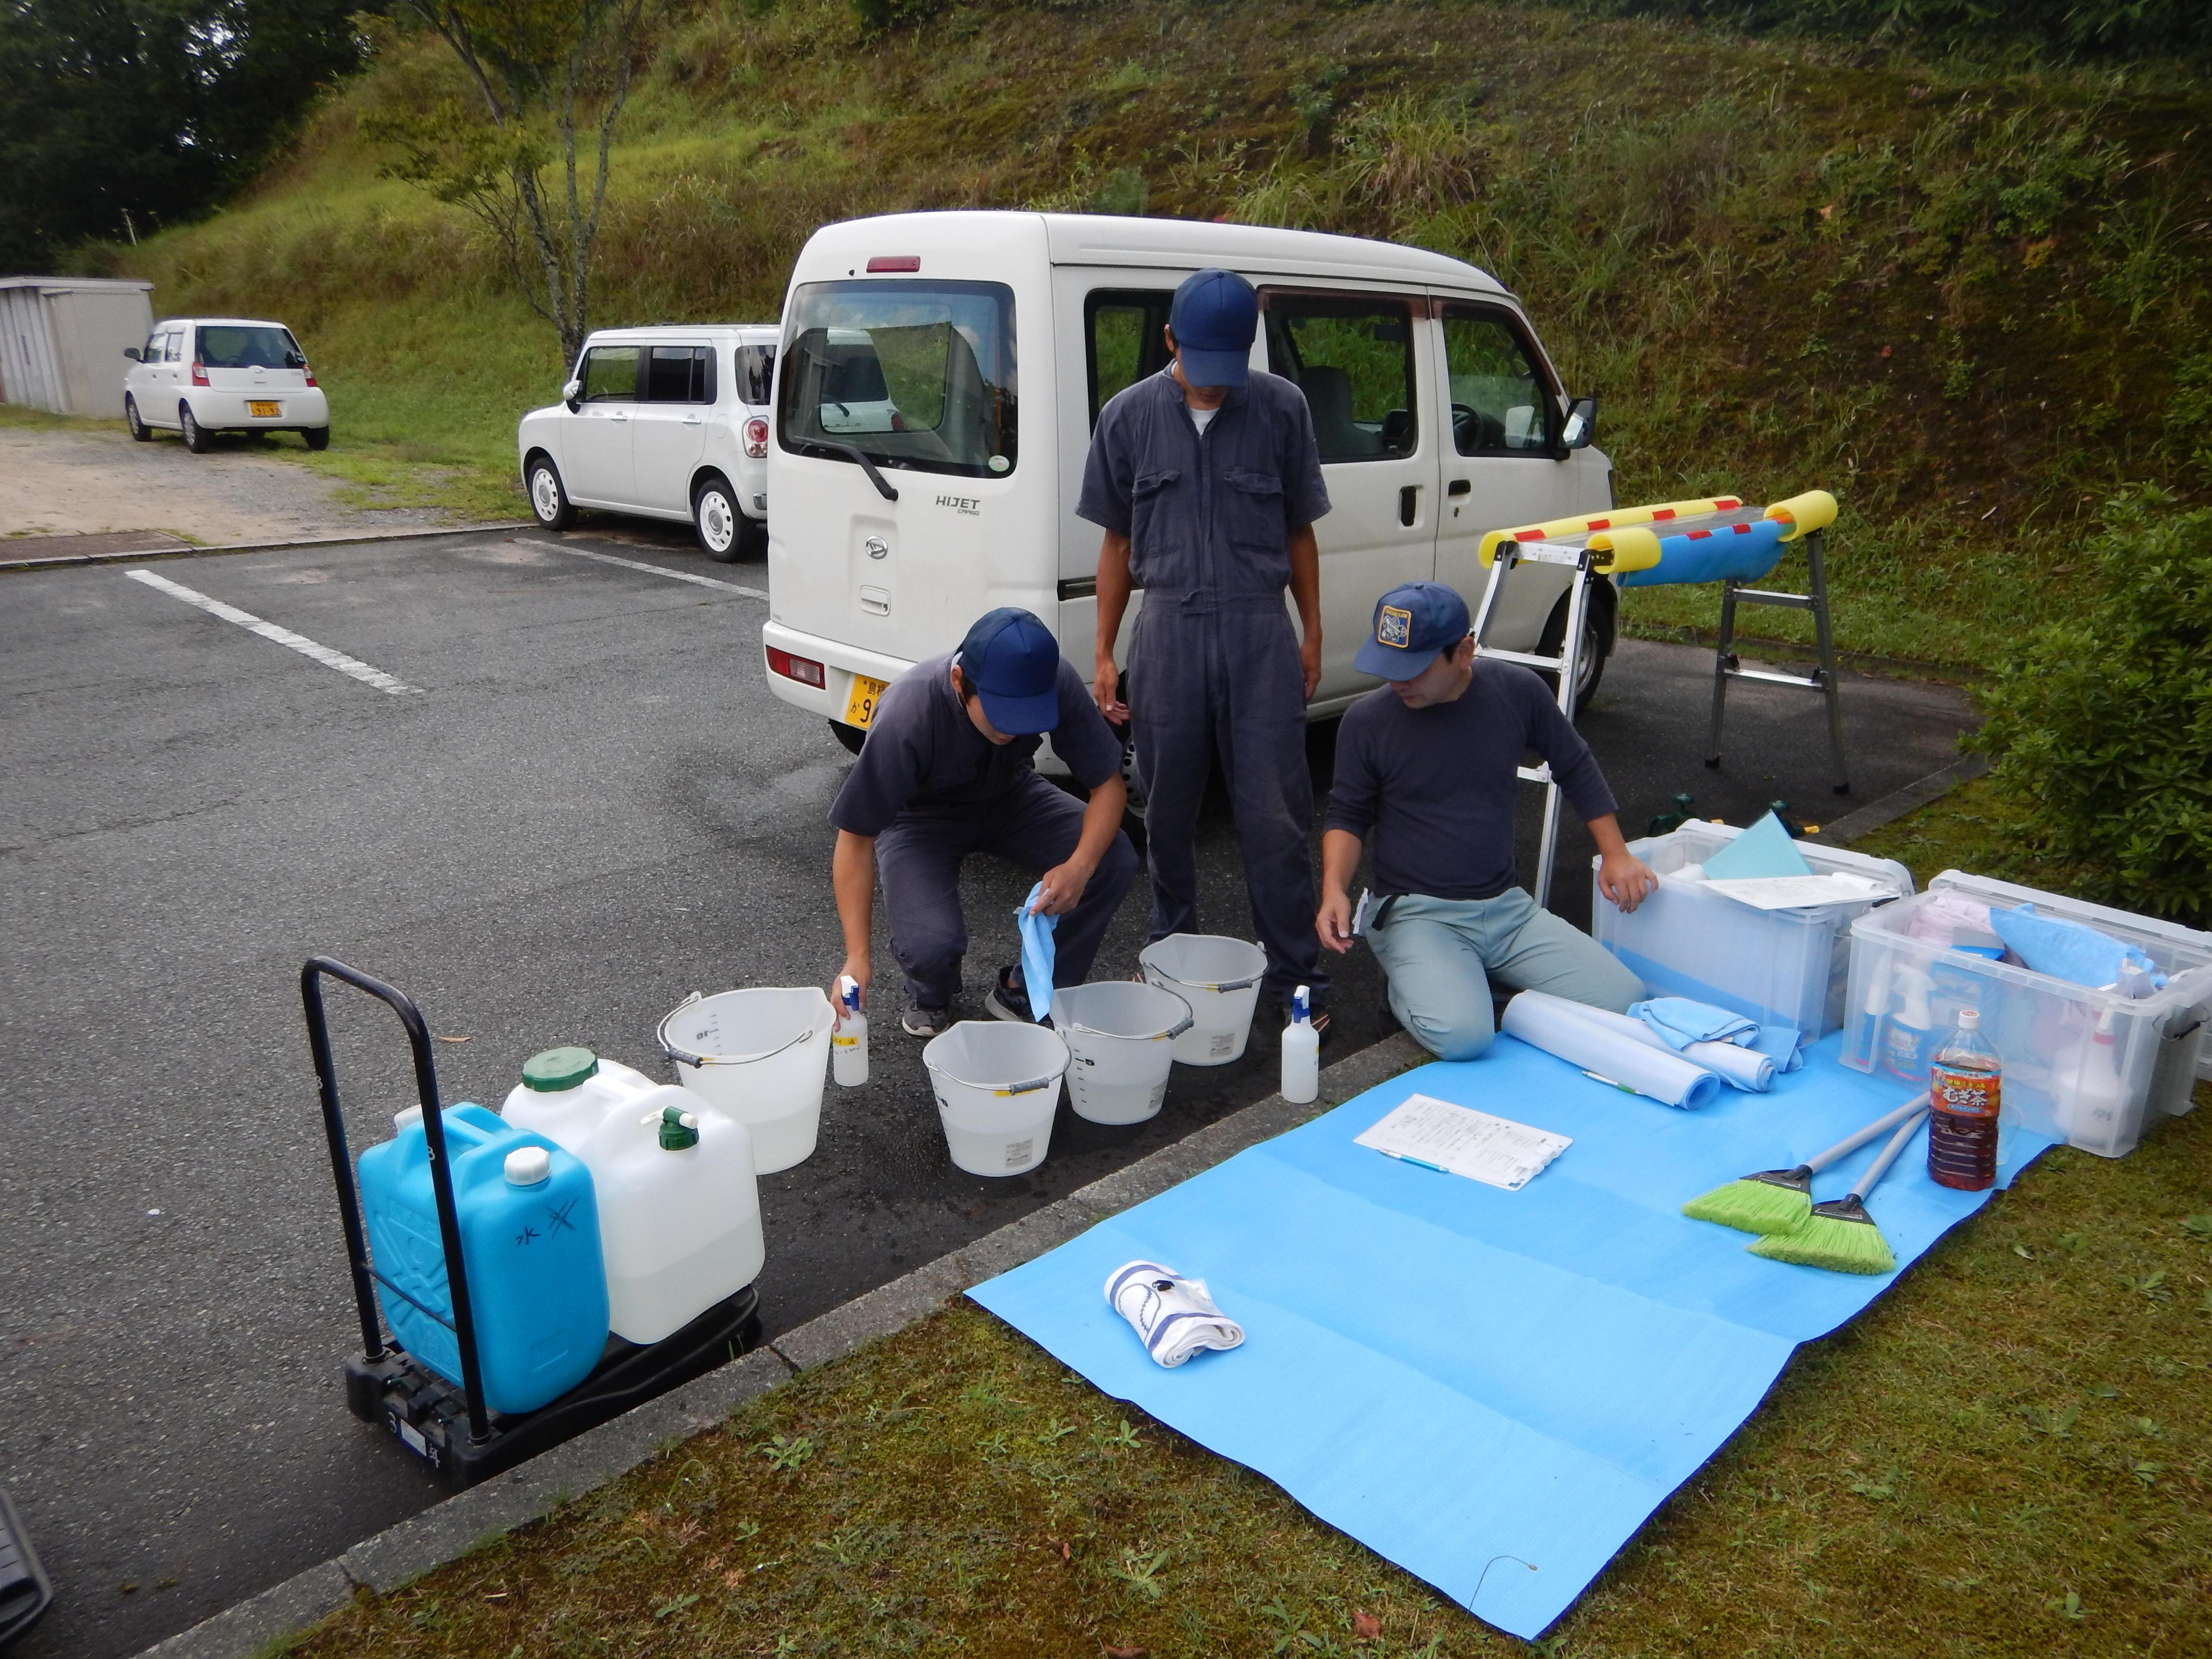 http://www.shimanet.ed.jp/hamadayougo/news/DSCN0116.JPG